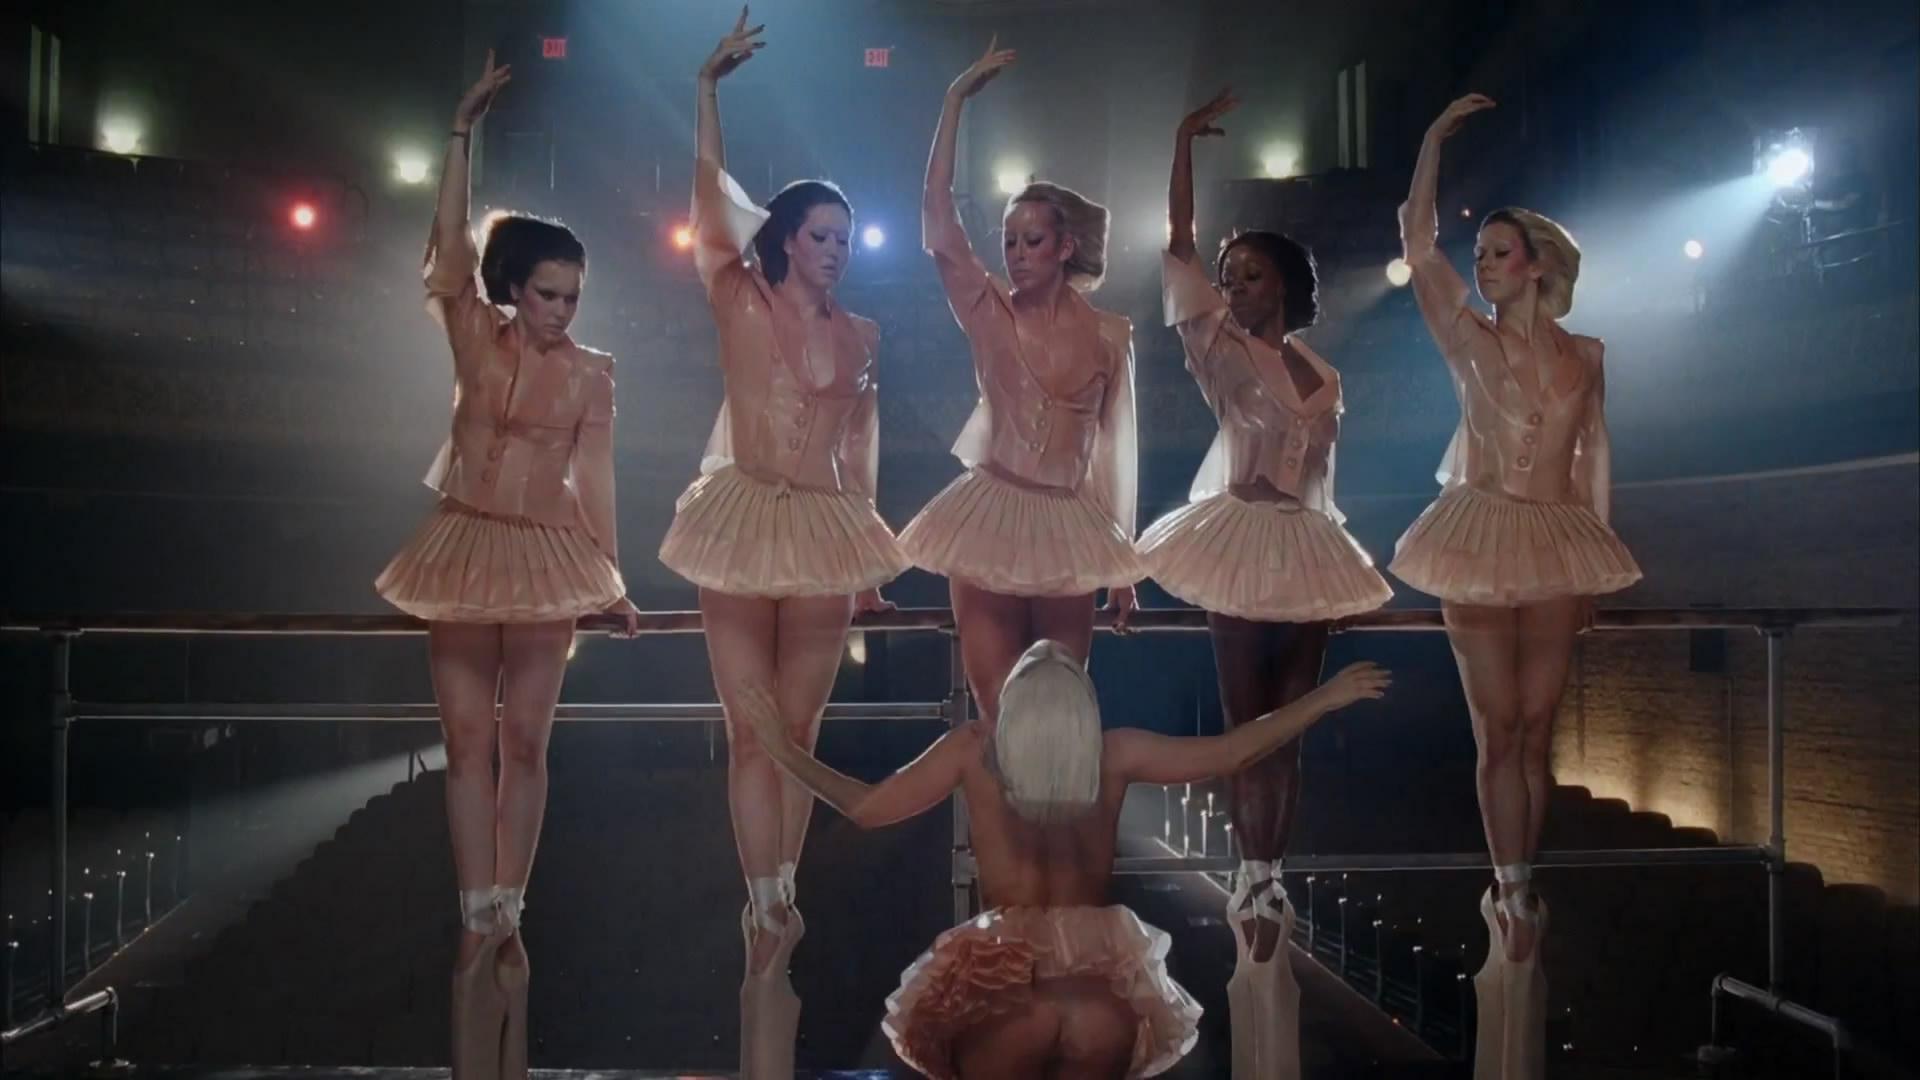 Смотреть голый балет онлайн бесплатно 1 фотография